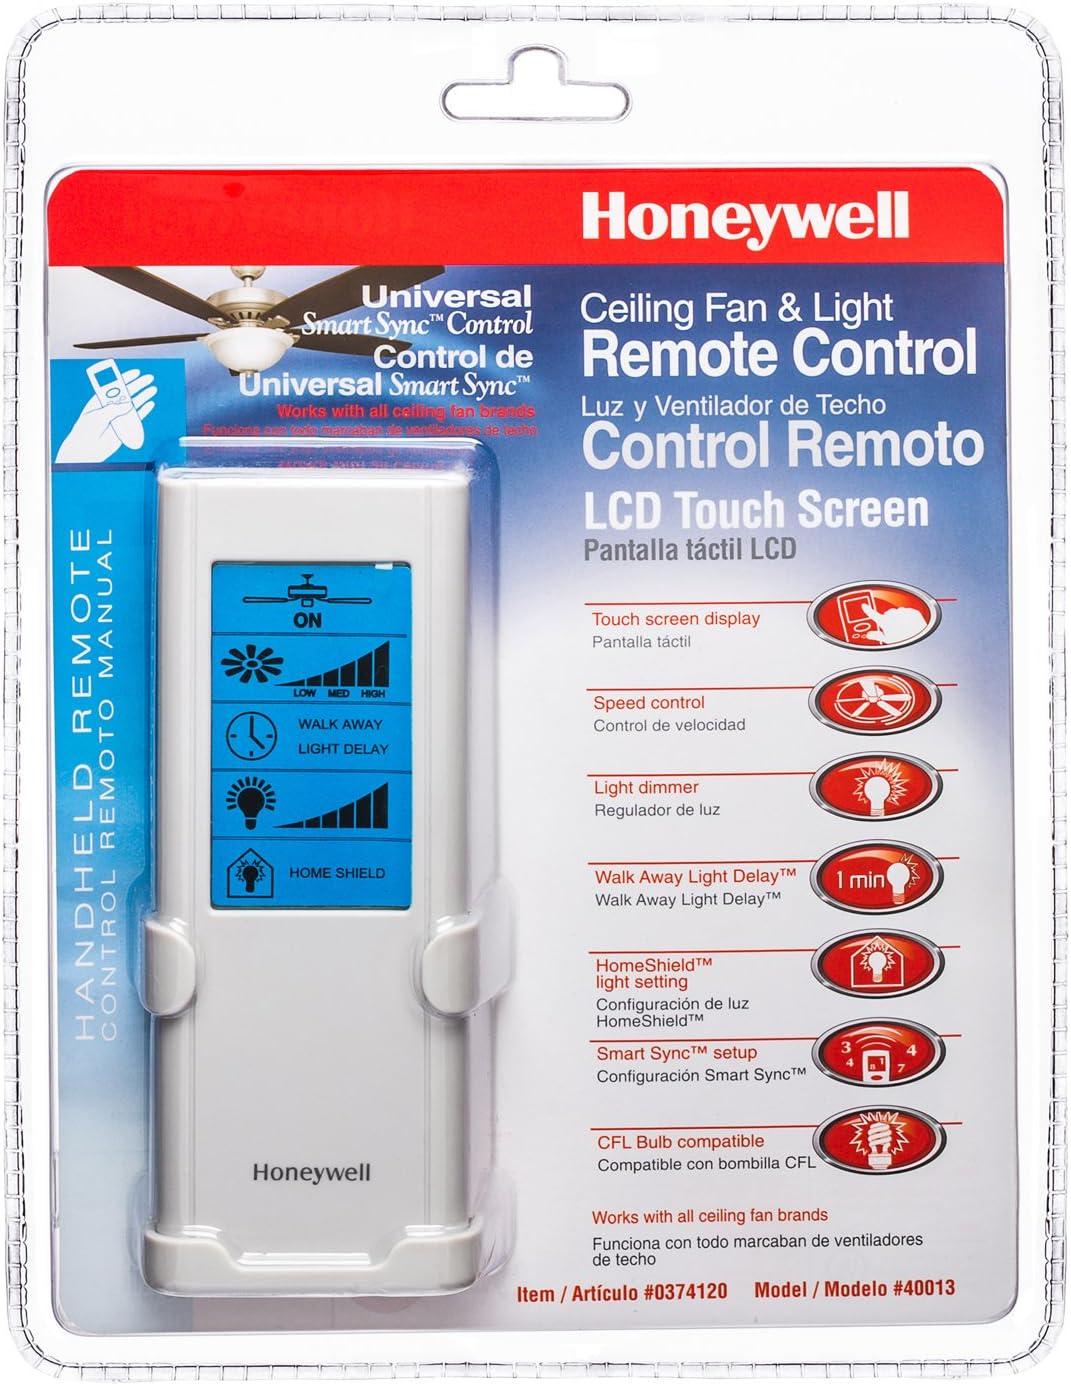 Honeywell ventiladores de techo 40013 – 01 LCD pantalla táctil ...